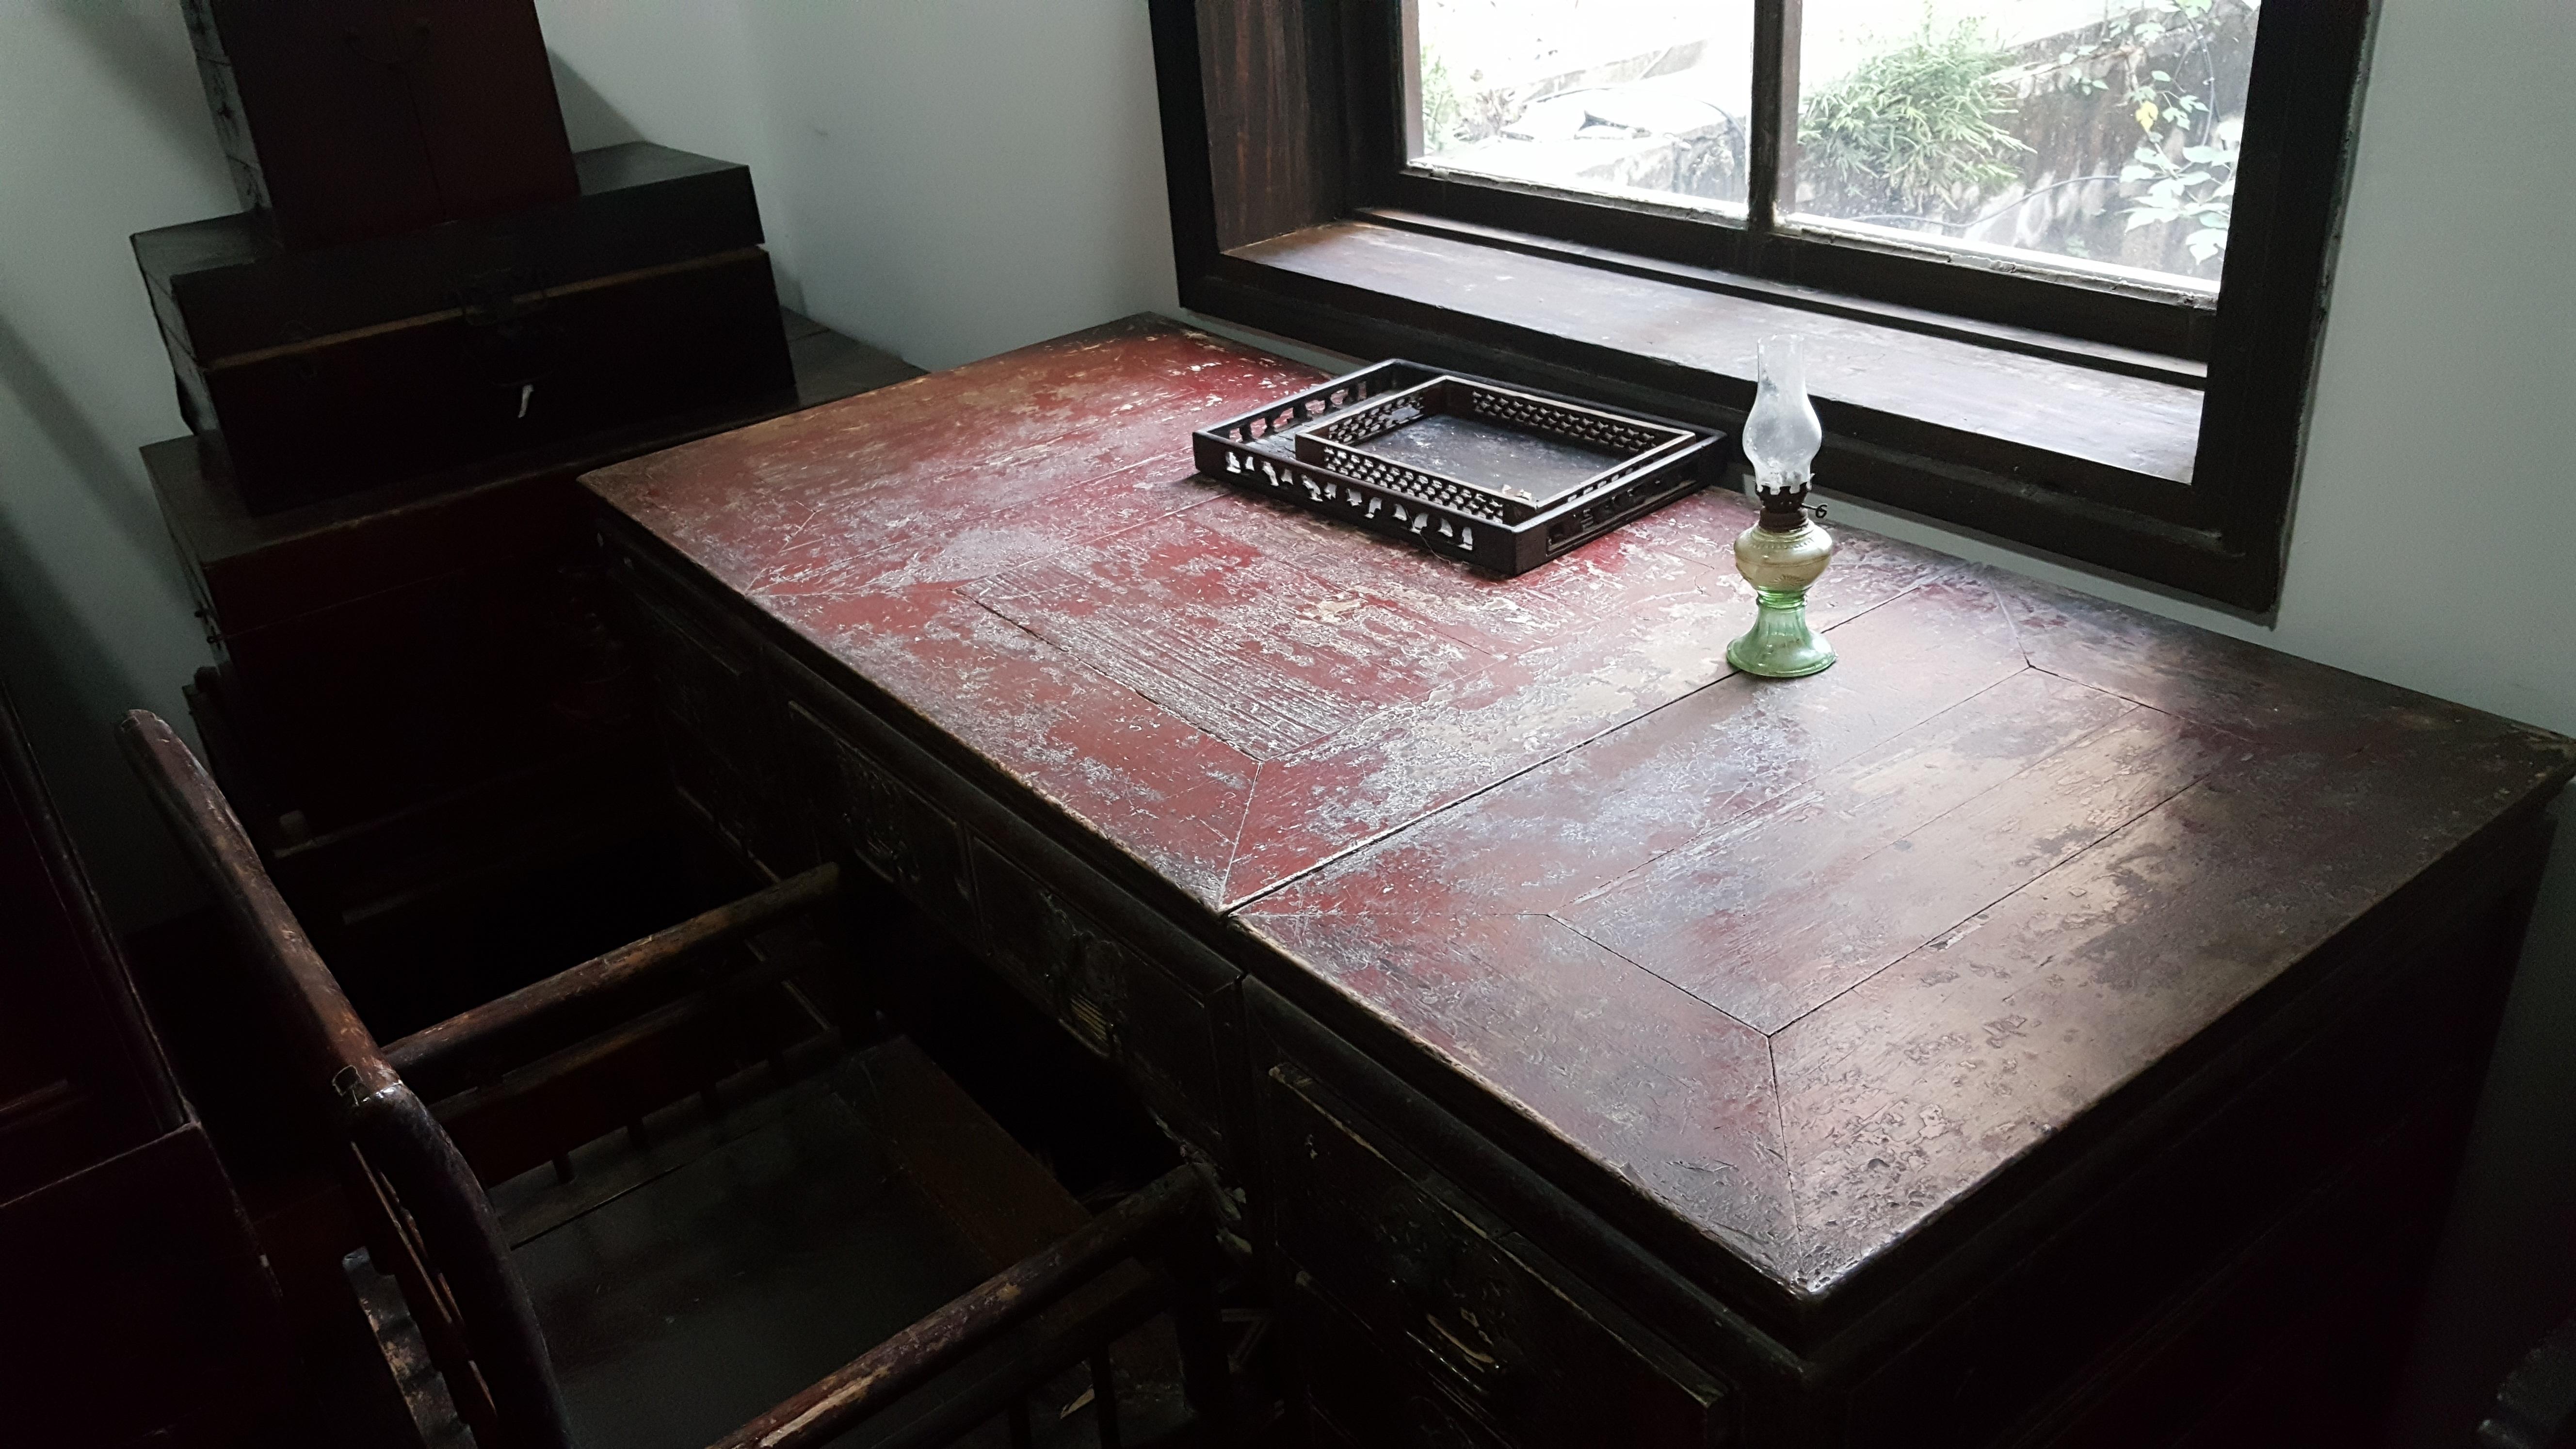 Fotos gratis : mesa, piso, casa, cocina, propiedad, sala, mueble ...